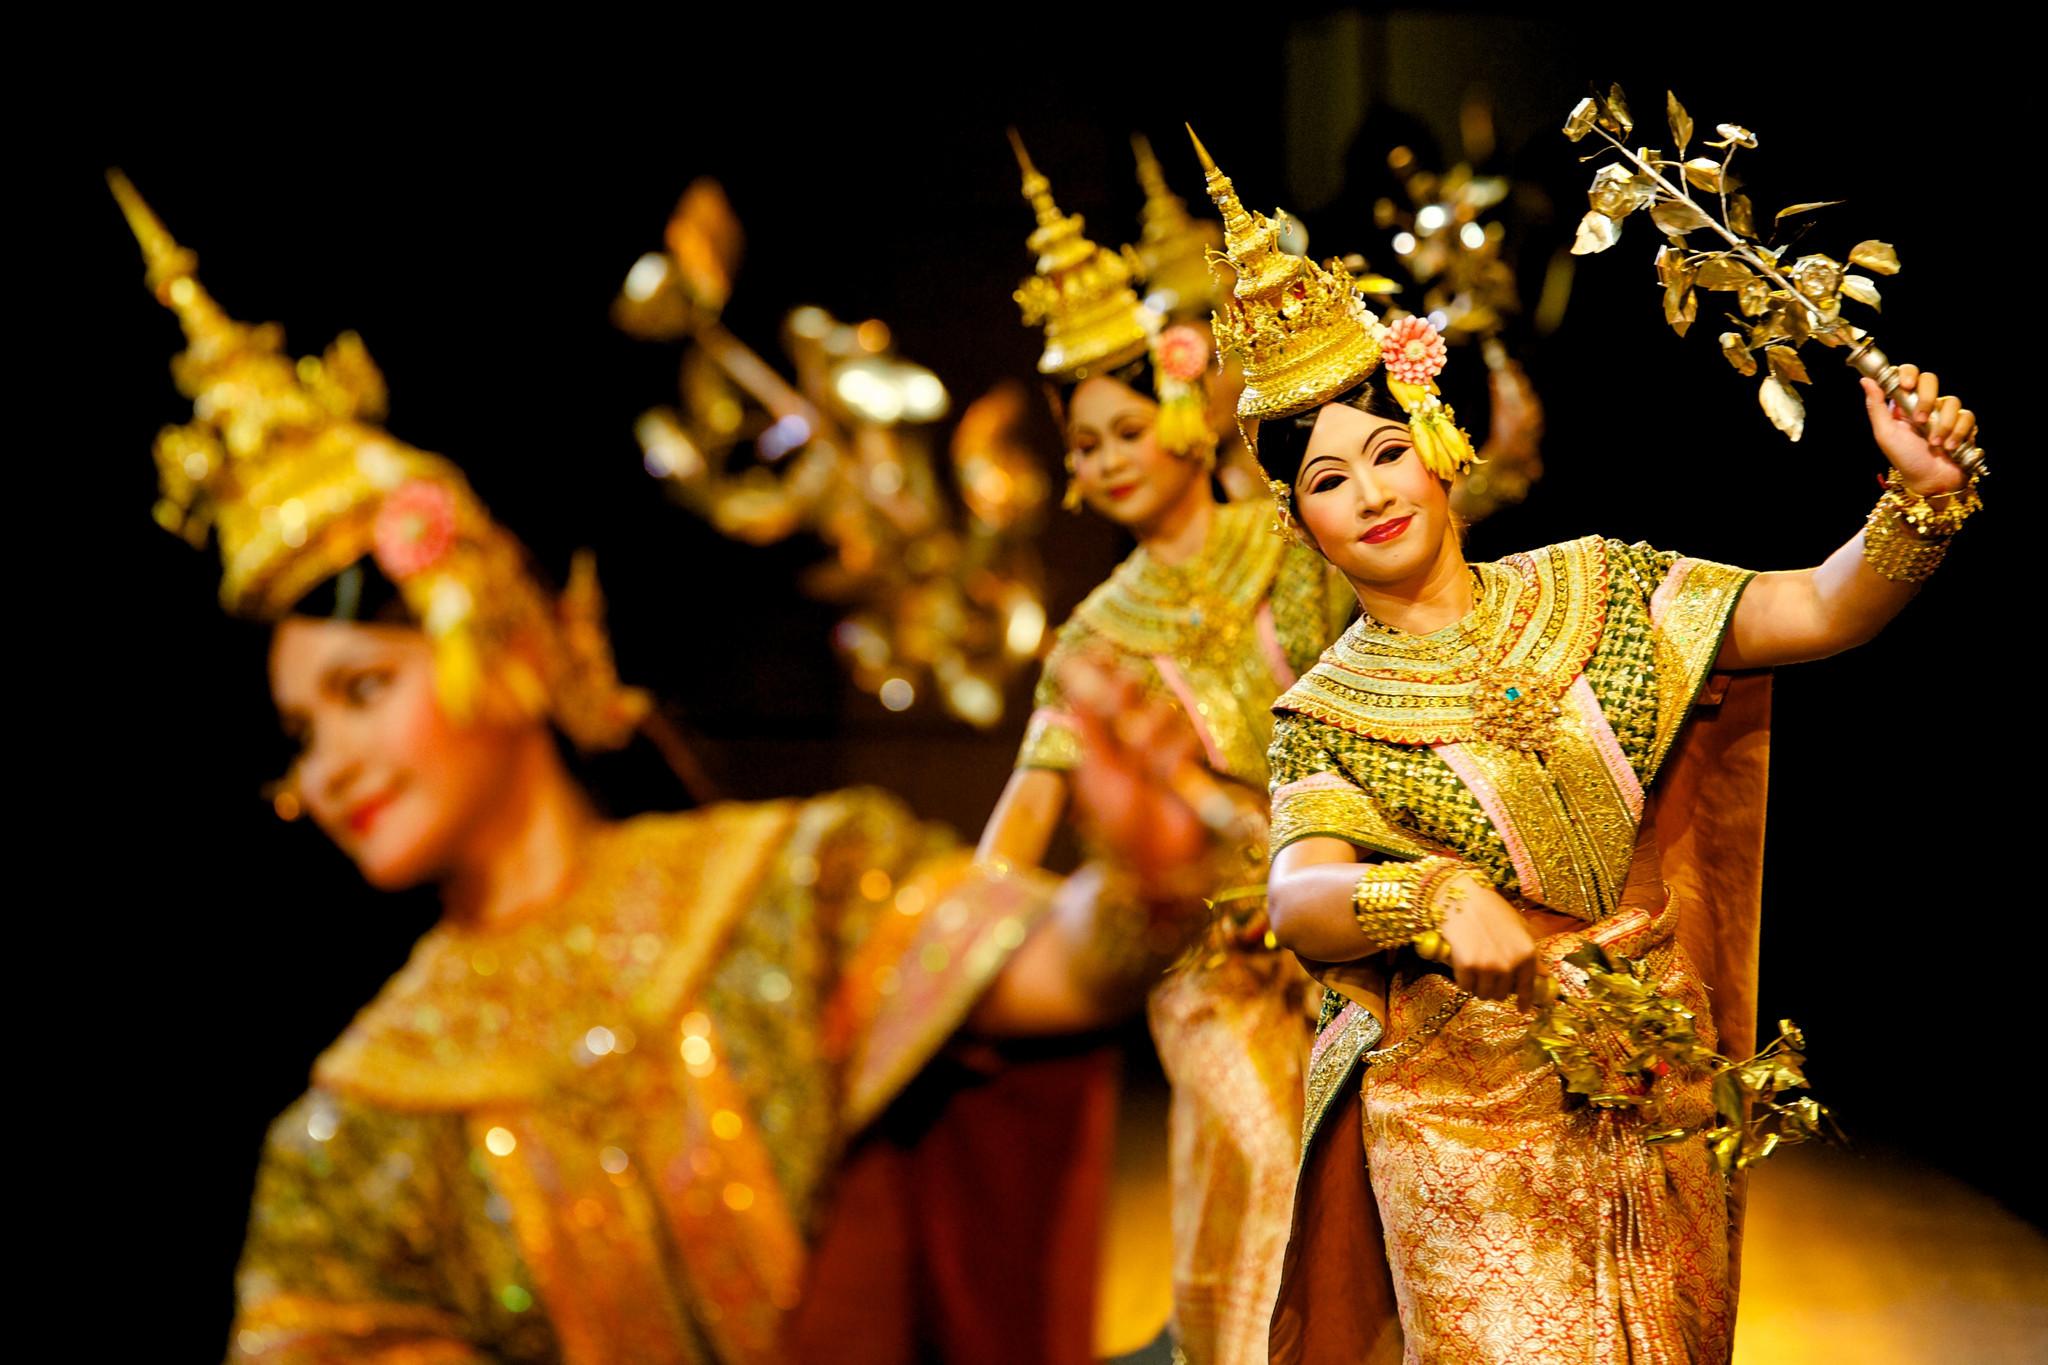 Tailândia - Lendas da Terra dos Sorrisos 1.jpg